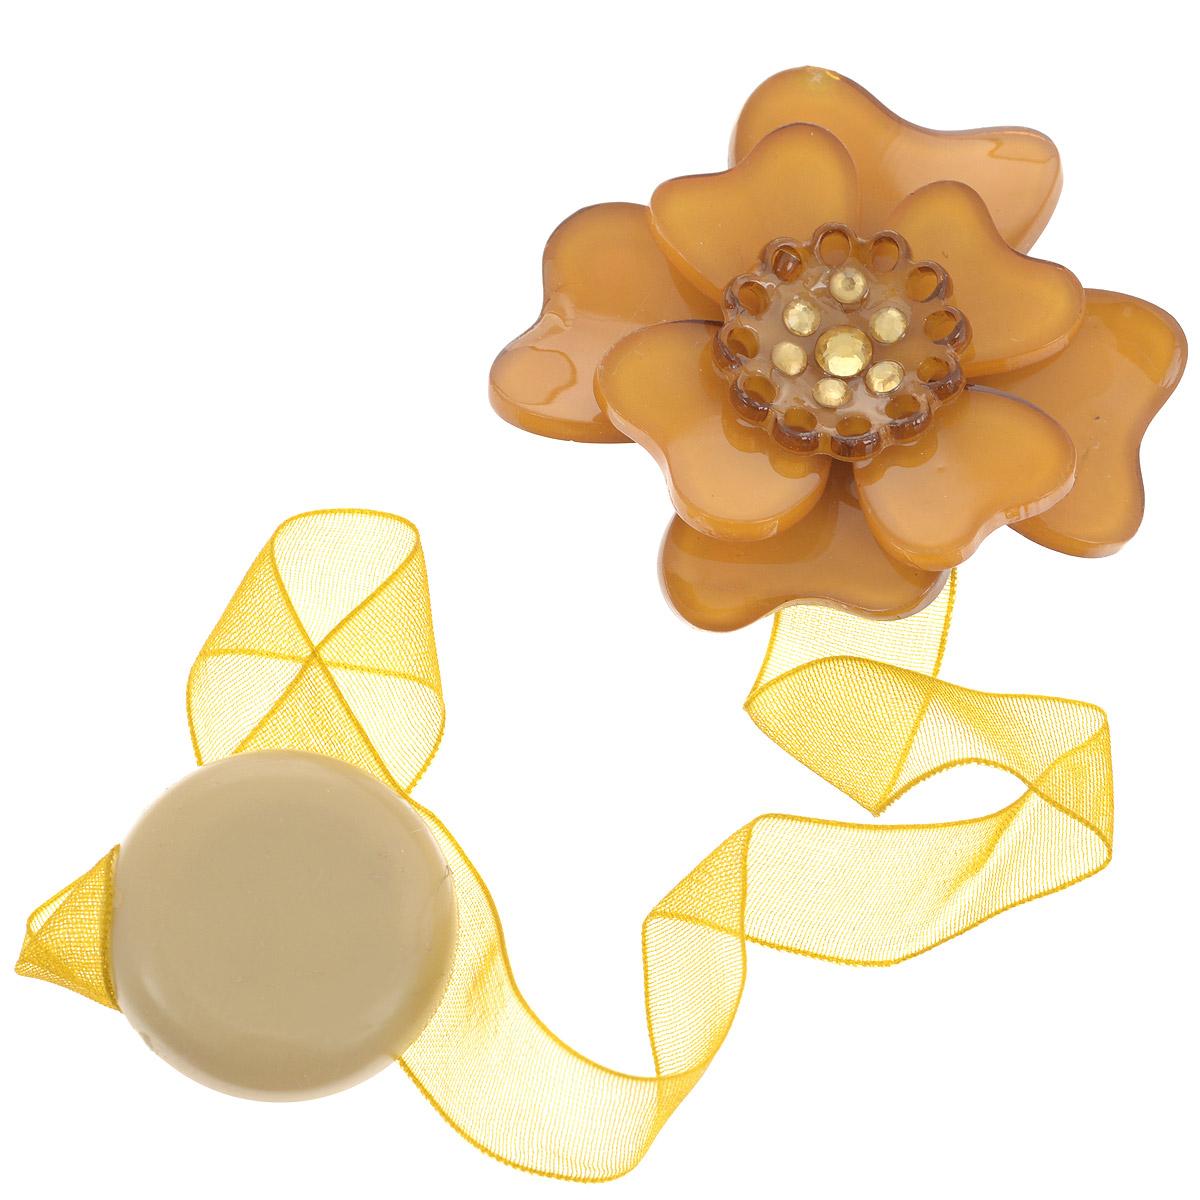 Клипса-магнит для штор Calamita Fiore, цвет: карамельный, золотистый. 7704008_7077704008_707Клипса-магнит Calamita Fiore, изготовленная из пластика и текстиля, предназначена для придания формы шторам. Изделие представляет собой два магнита, расположенных на разных концах текстильной ленты. Один из магнитов оформлен декоративным цветком и украшен стразами. С помощью такой магнитной клипсы можно зафиксировать портьеры, придать им требуемое положение, сделать складки симметричными или приблизить портьеры, скрепить их. Клипсы для штор являются универсальным изделием, которое превосходно подойдет как для штор в детской комнате, так и для штор в гостиной. Следует отметить, что клипсы для штор выполняют не только практическую функцию, но также являются одной из основных деталей декора этого изделия, которая придает шторам восхитительный, стильный внешний вид.Материал: пластик, полиэстер, магнит.Диаметр декоративного цветка: 5 см.Диаметр магнита: 2,5 см.Длина ленты: 28 см.